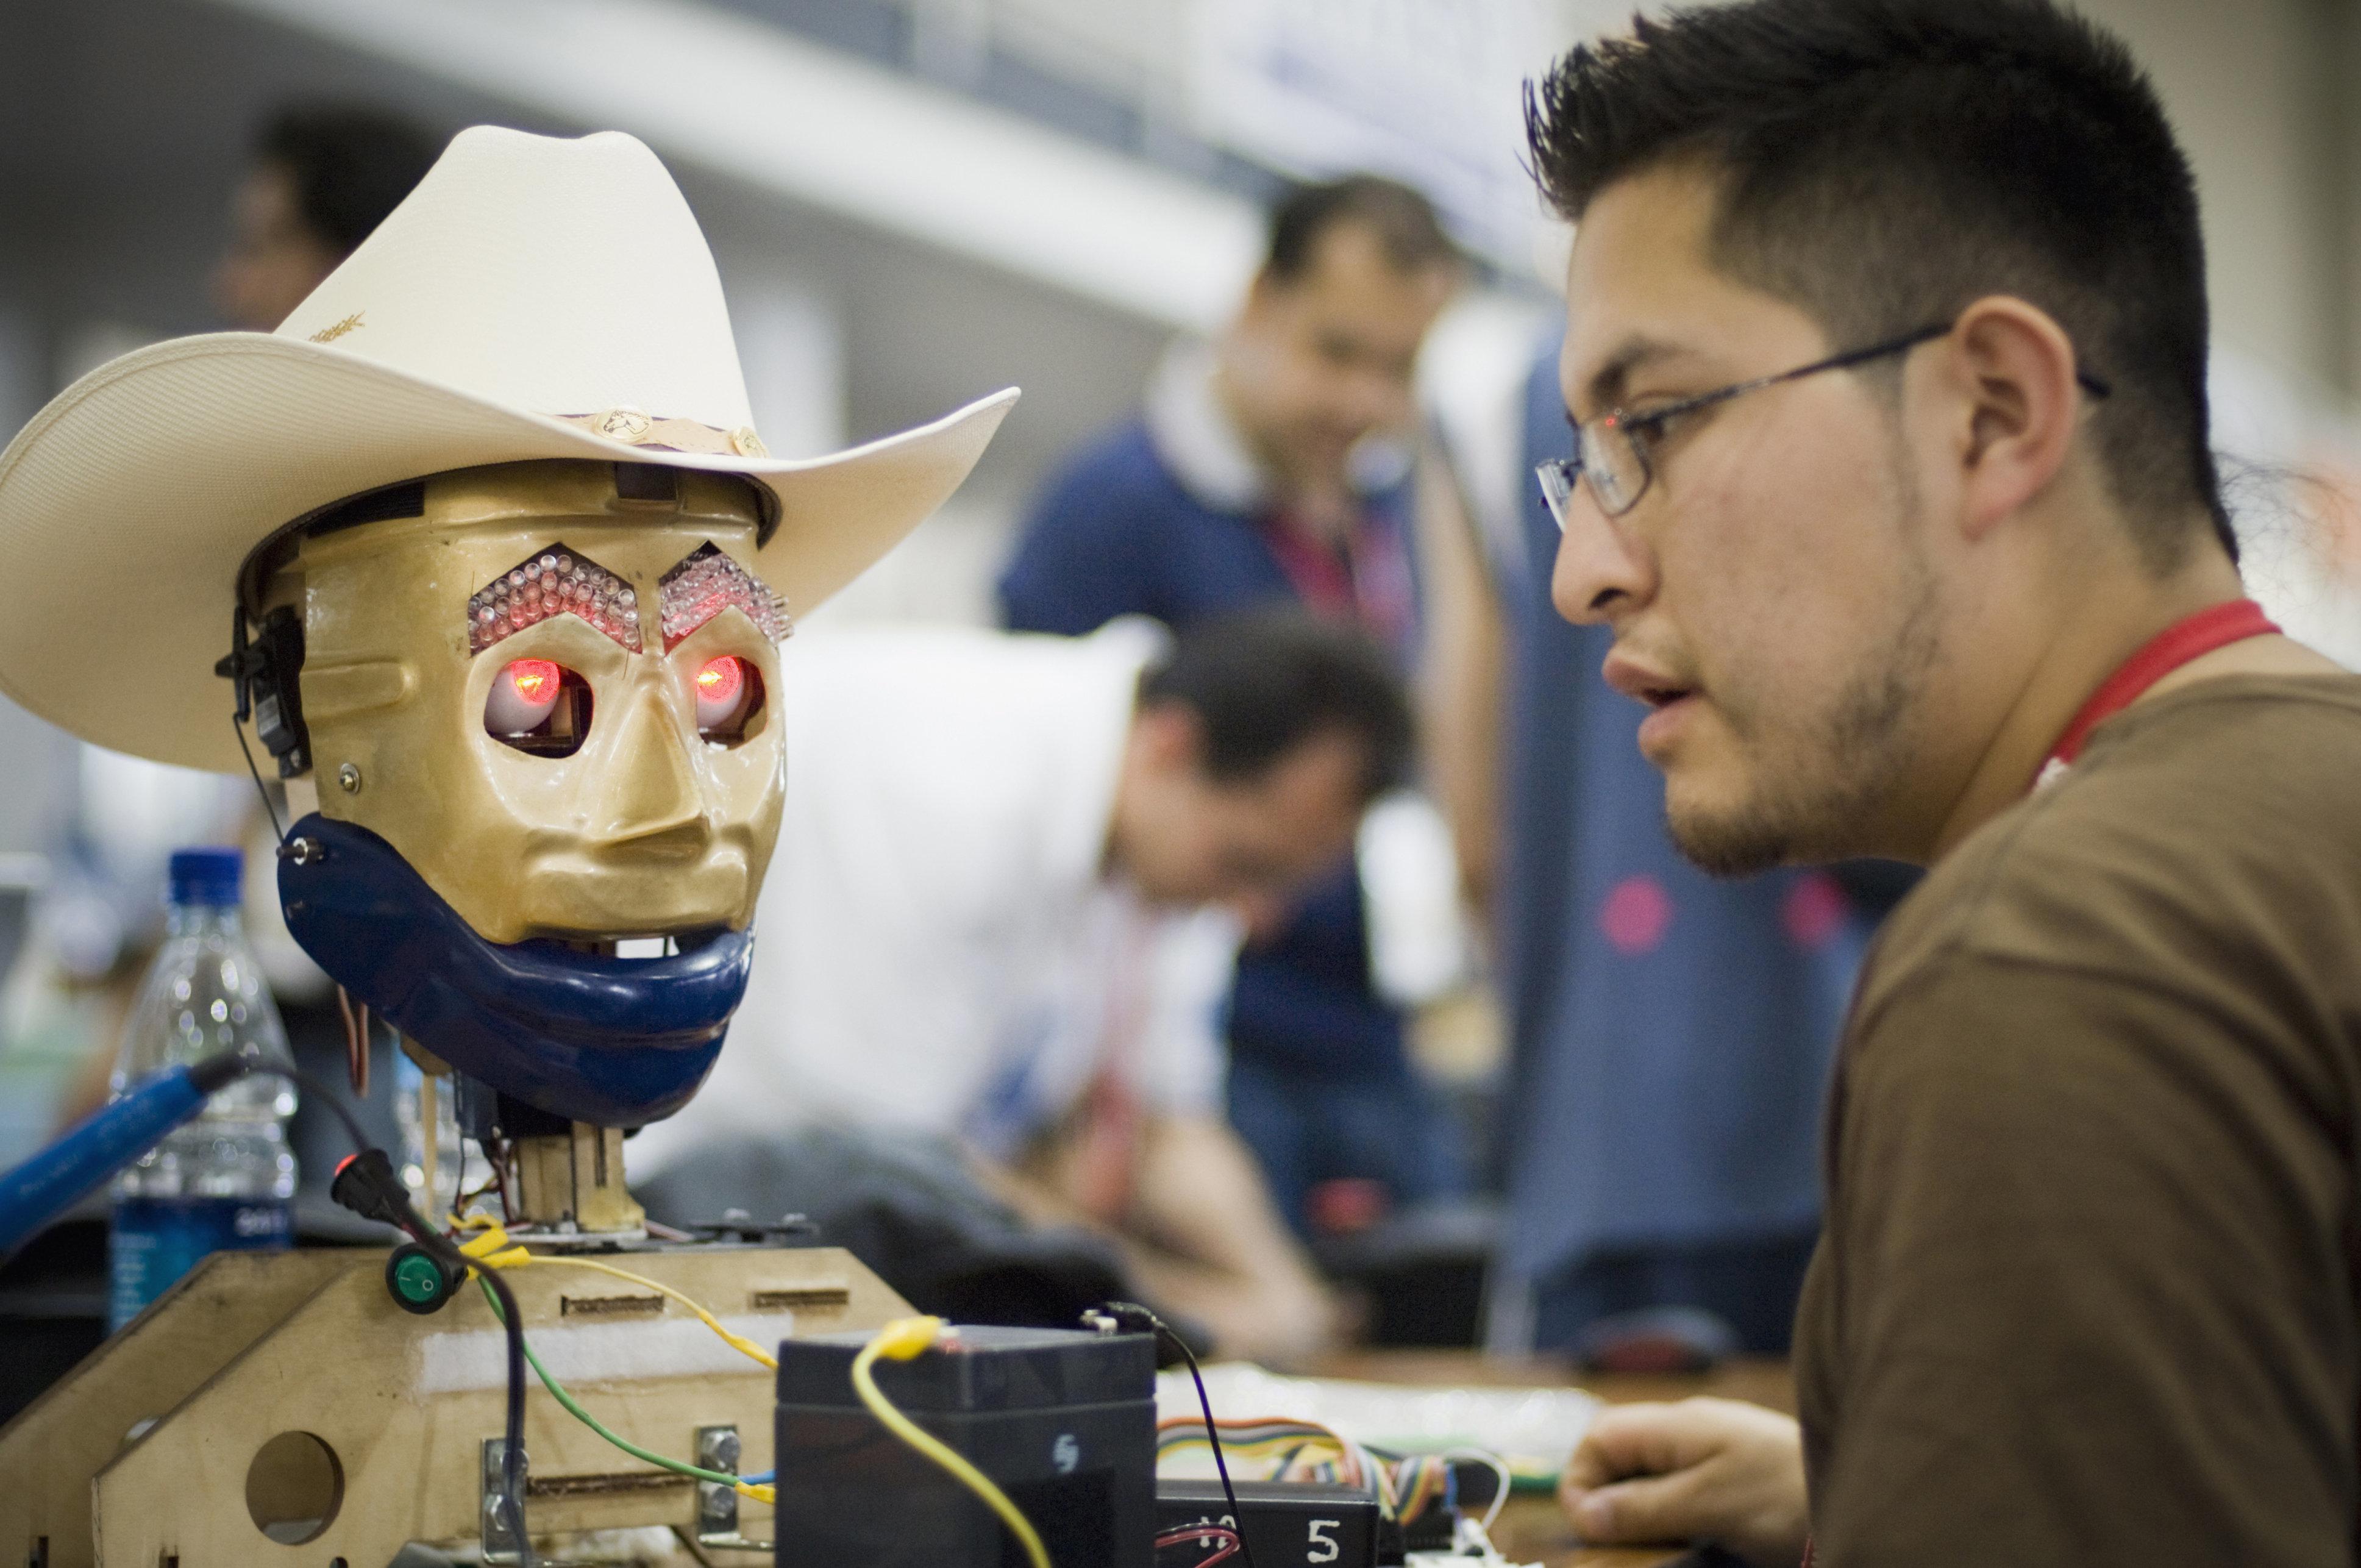 Robotics competition in Atlanta, Georgia.